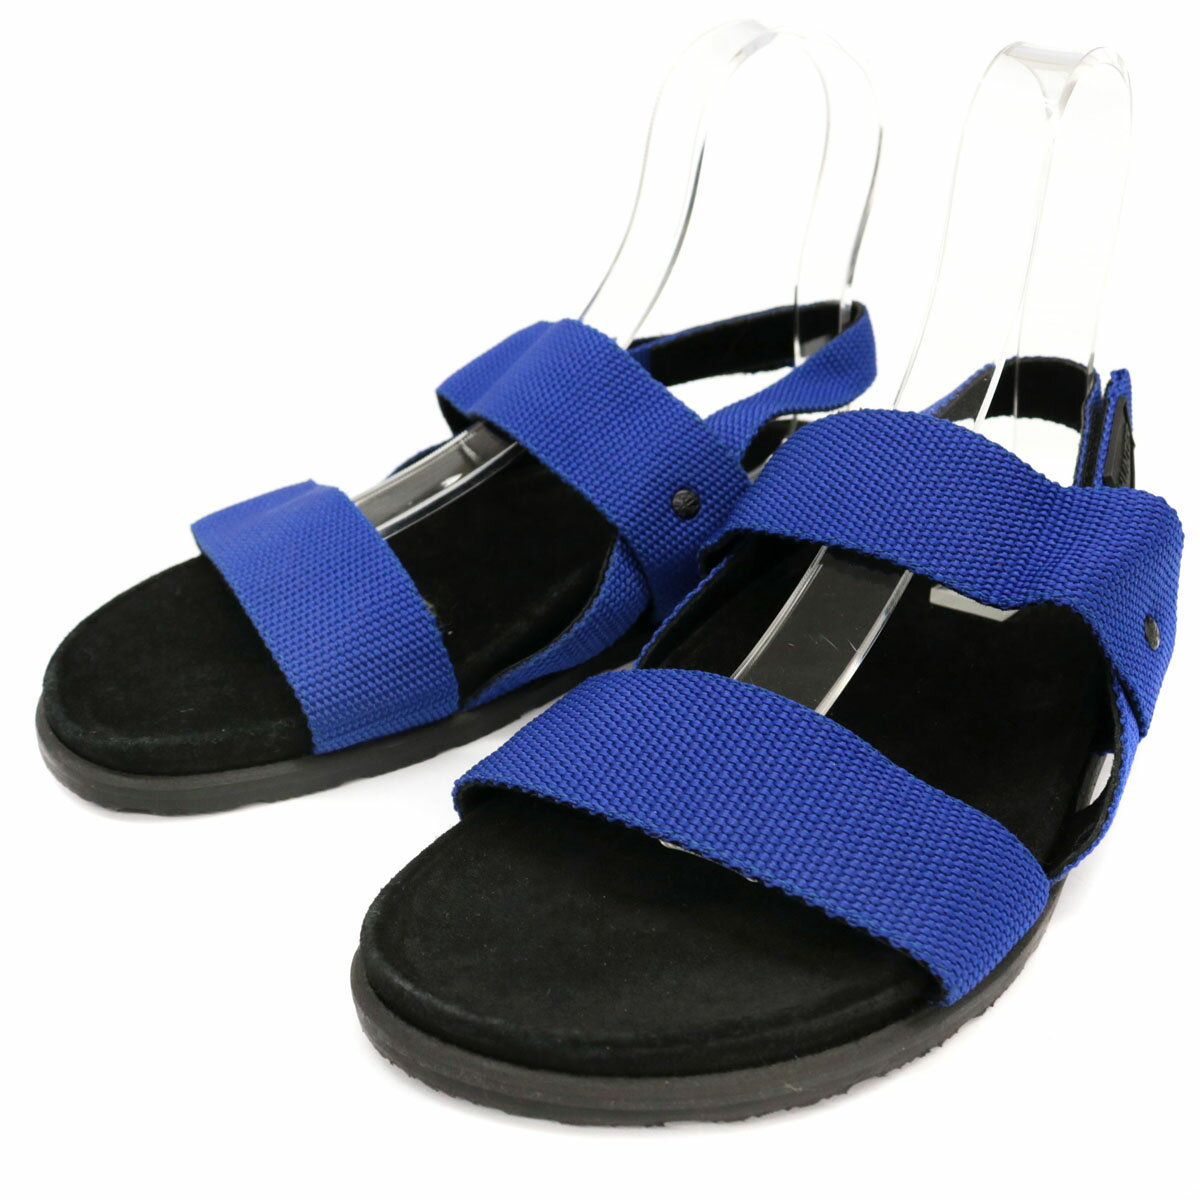 未使用品◆HUNTER ハンター スポーツサンダル サイズUS10M(28相当)◆black/黒/ブラック×ブルー/ナイロン/スポサン/メンズ/シューズ/靴【中古】画像